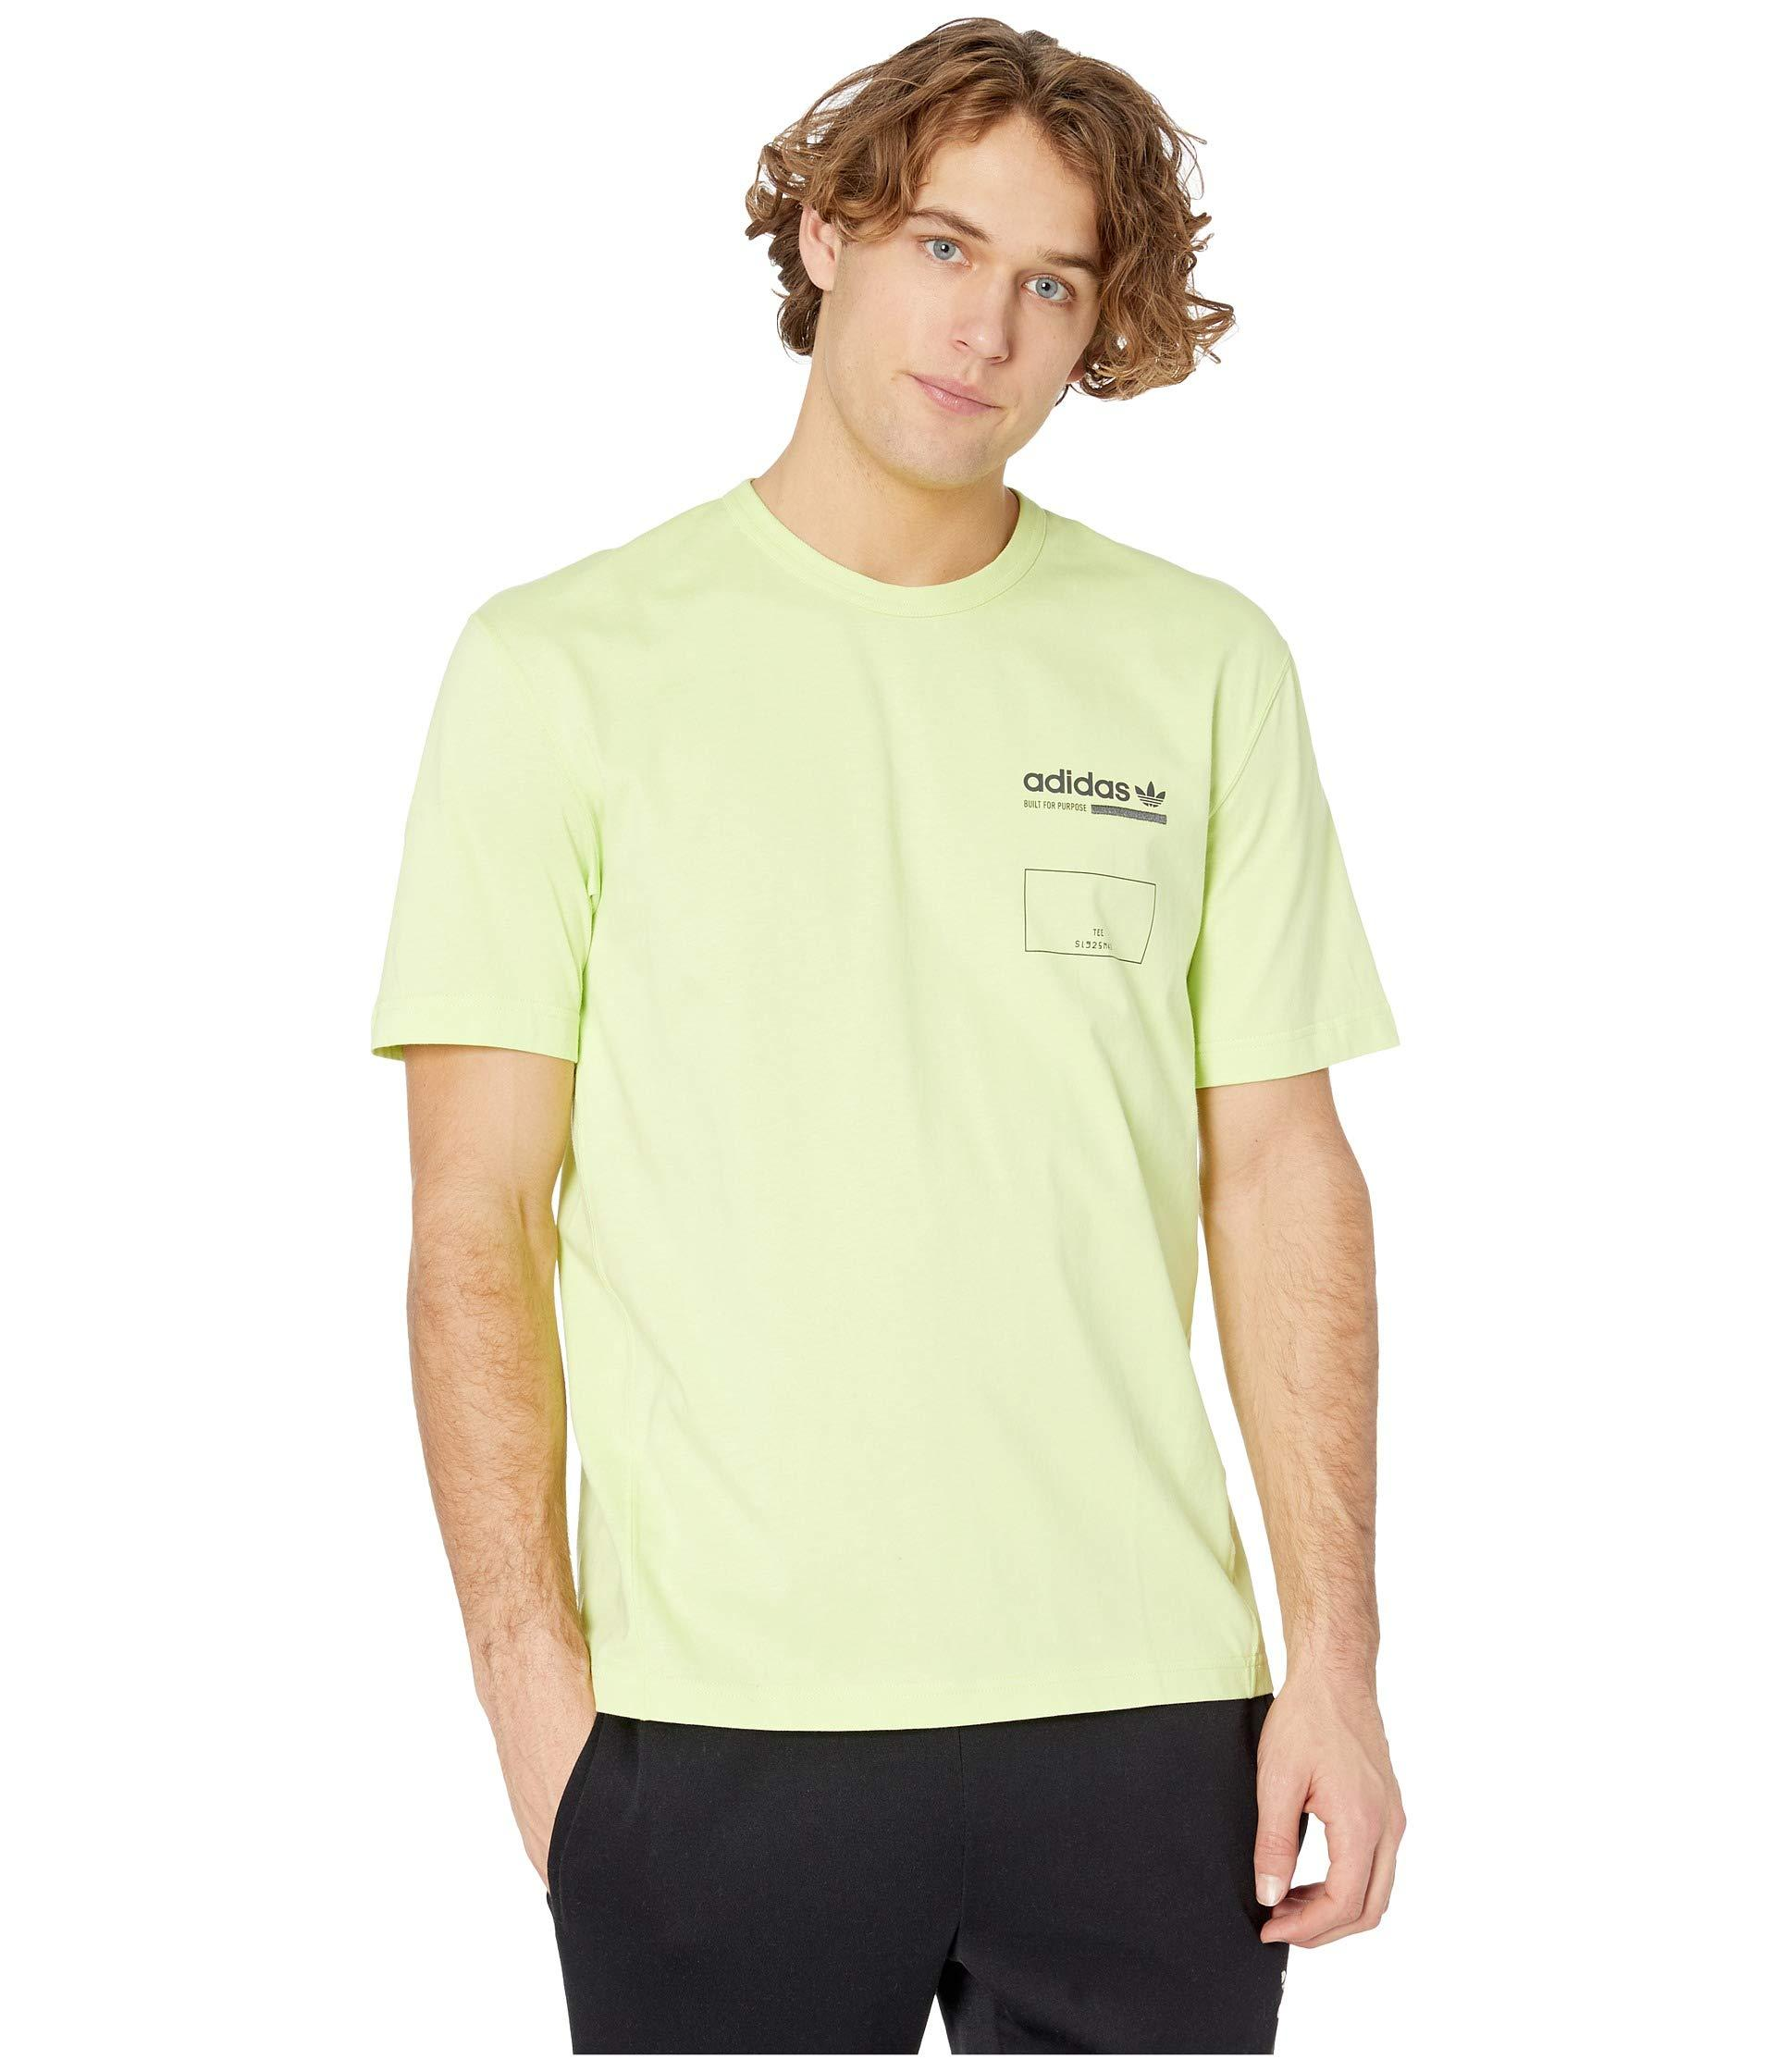 931de78c adidas Originals Kaval Graphic Tee (semi Frozen Yellow) Men's T ...